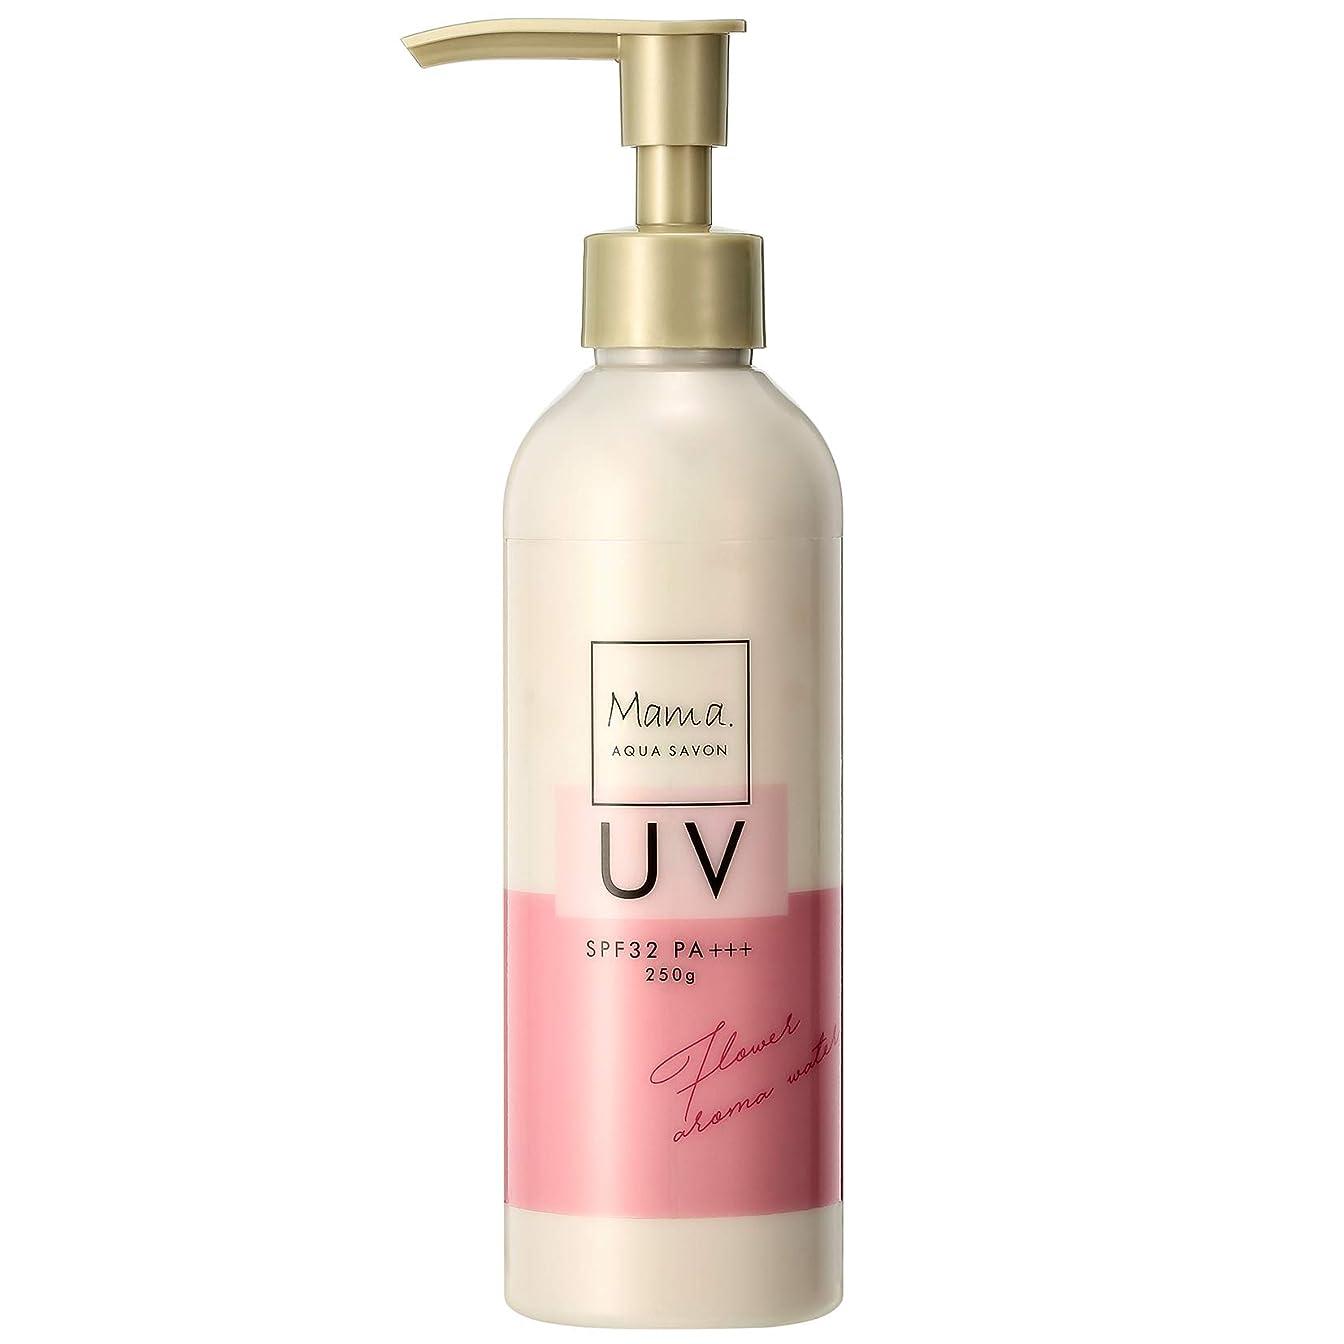 センチメンタル助けになる分子ママアクアシャボン UVモイストジェル フラワーアロマウォーターの香り 19S 250g